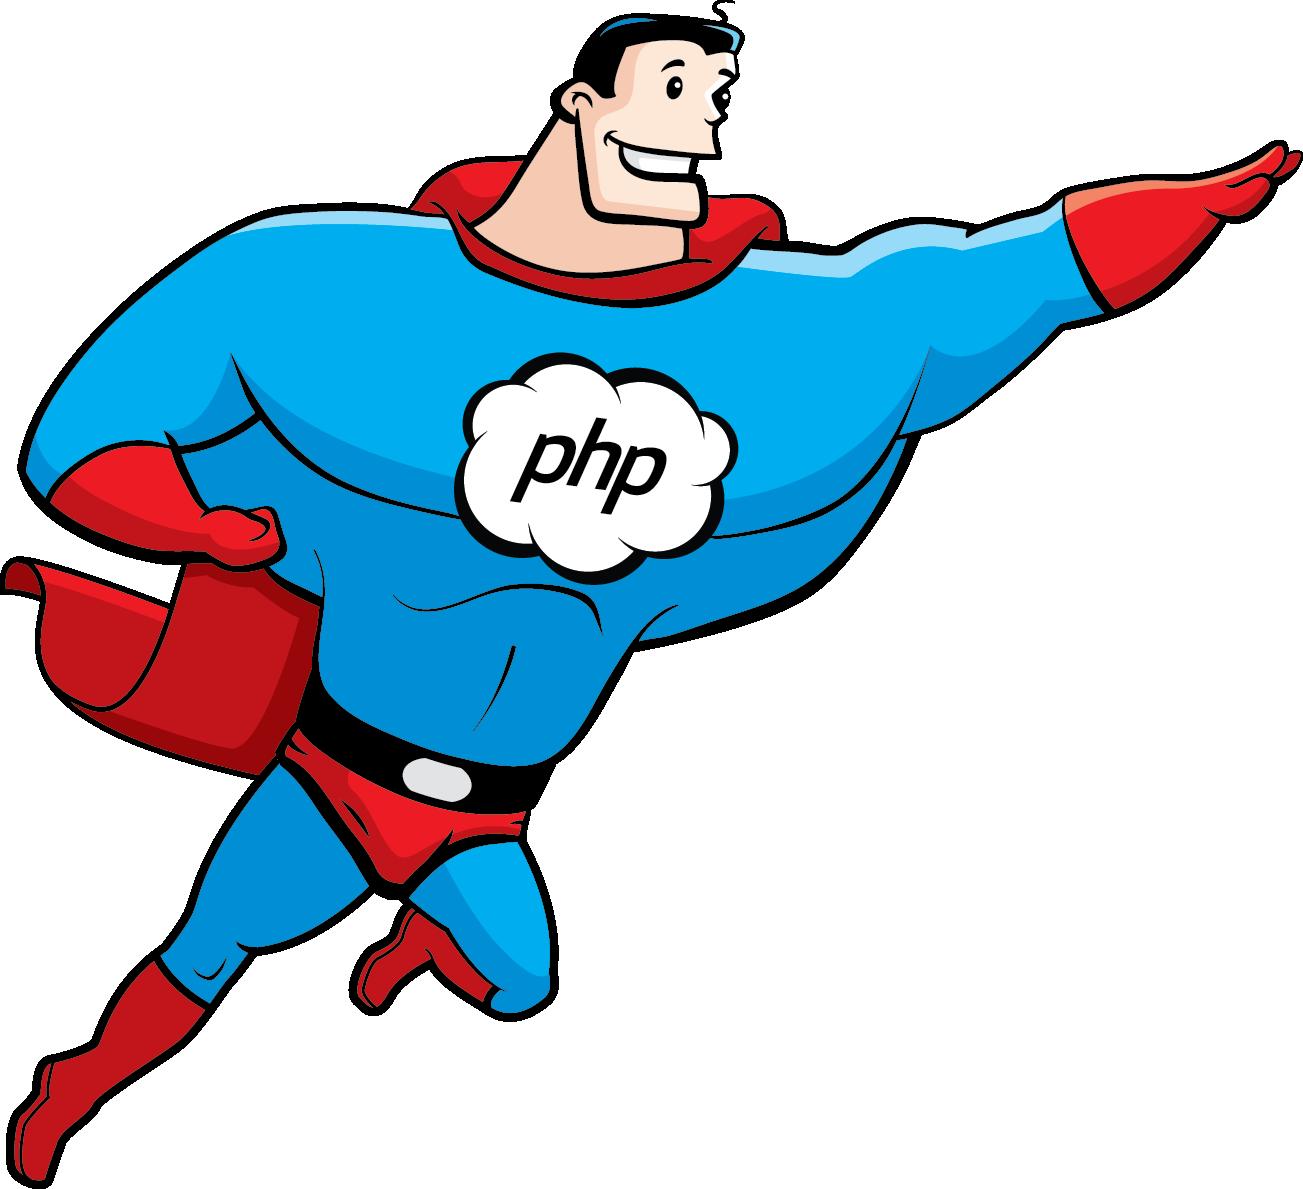 Superhero comics clip art. Flash clipart character marvel